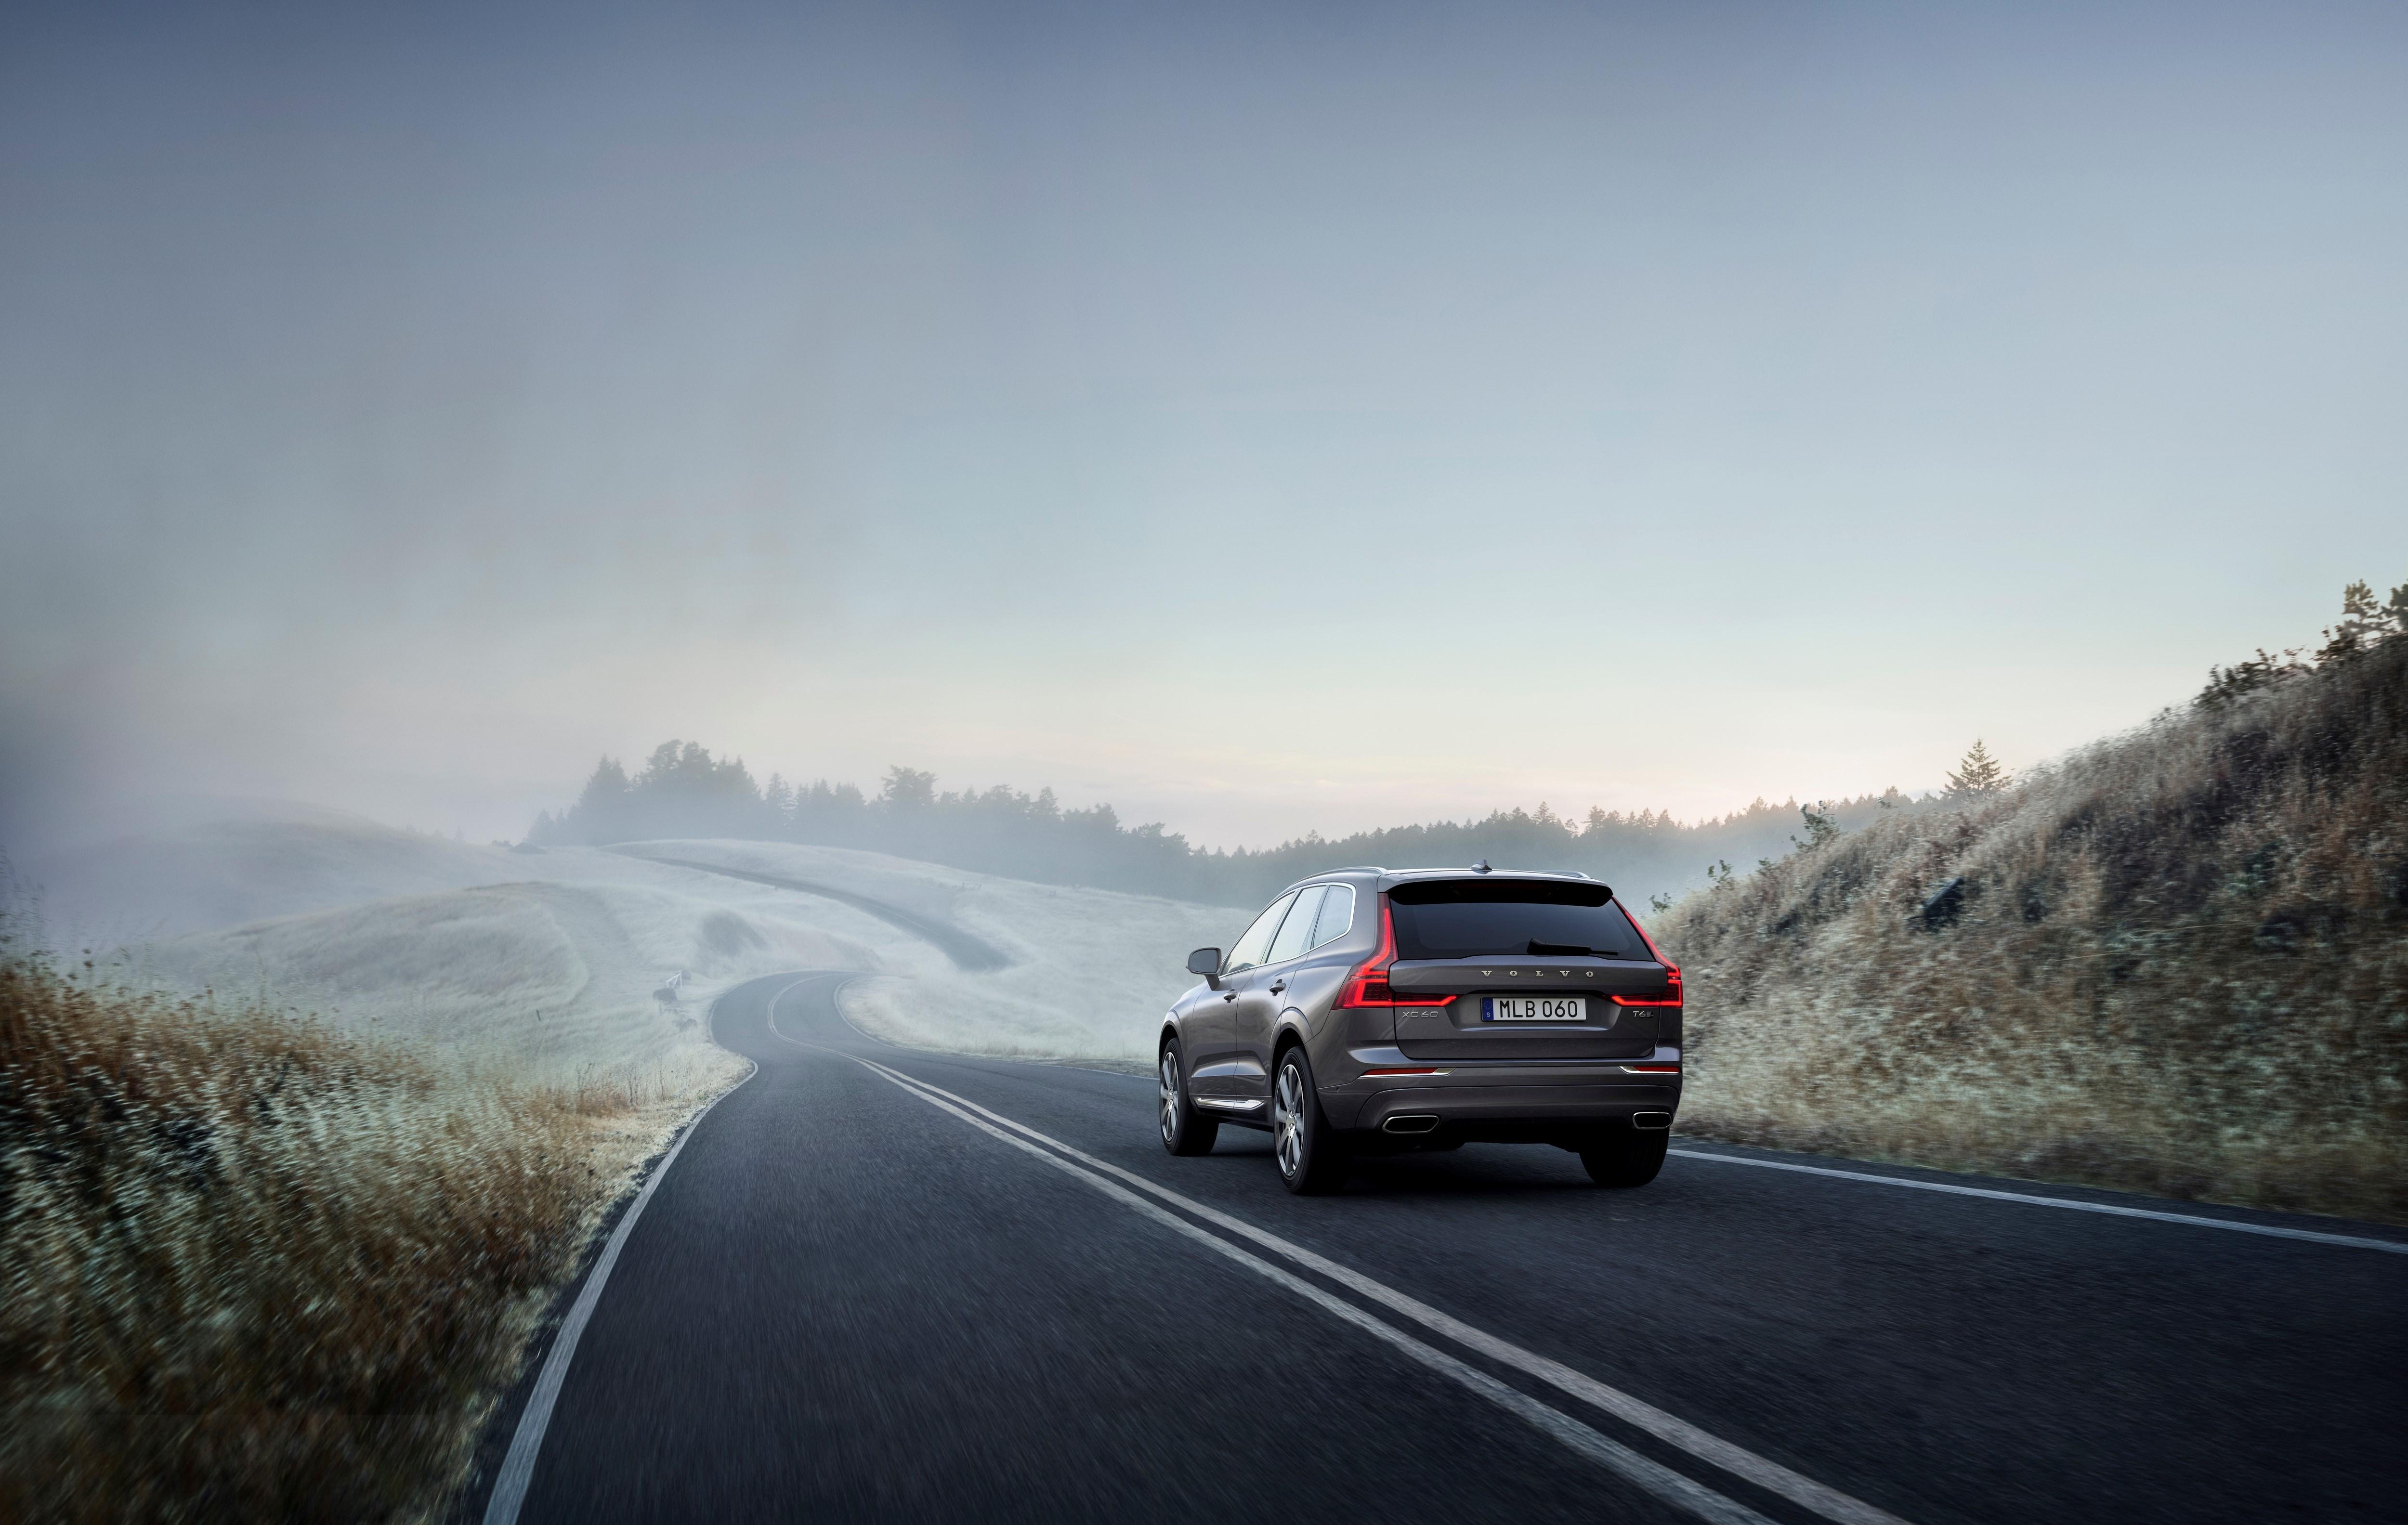 Volvo XC60 kjører på landevei i tåken